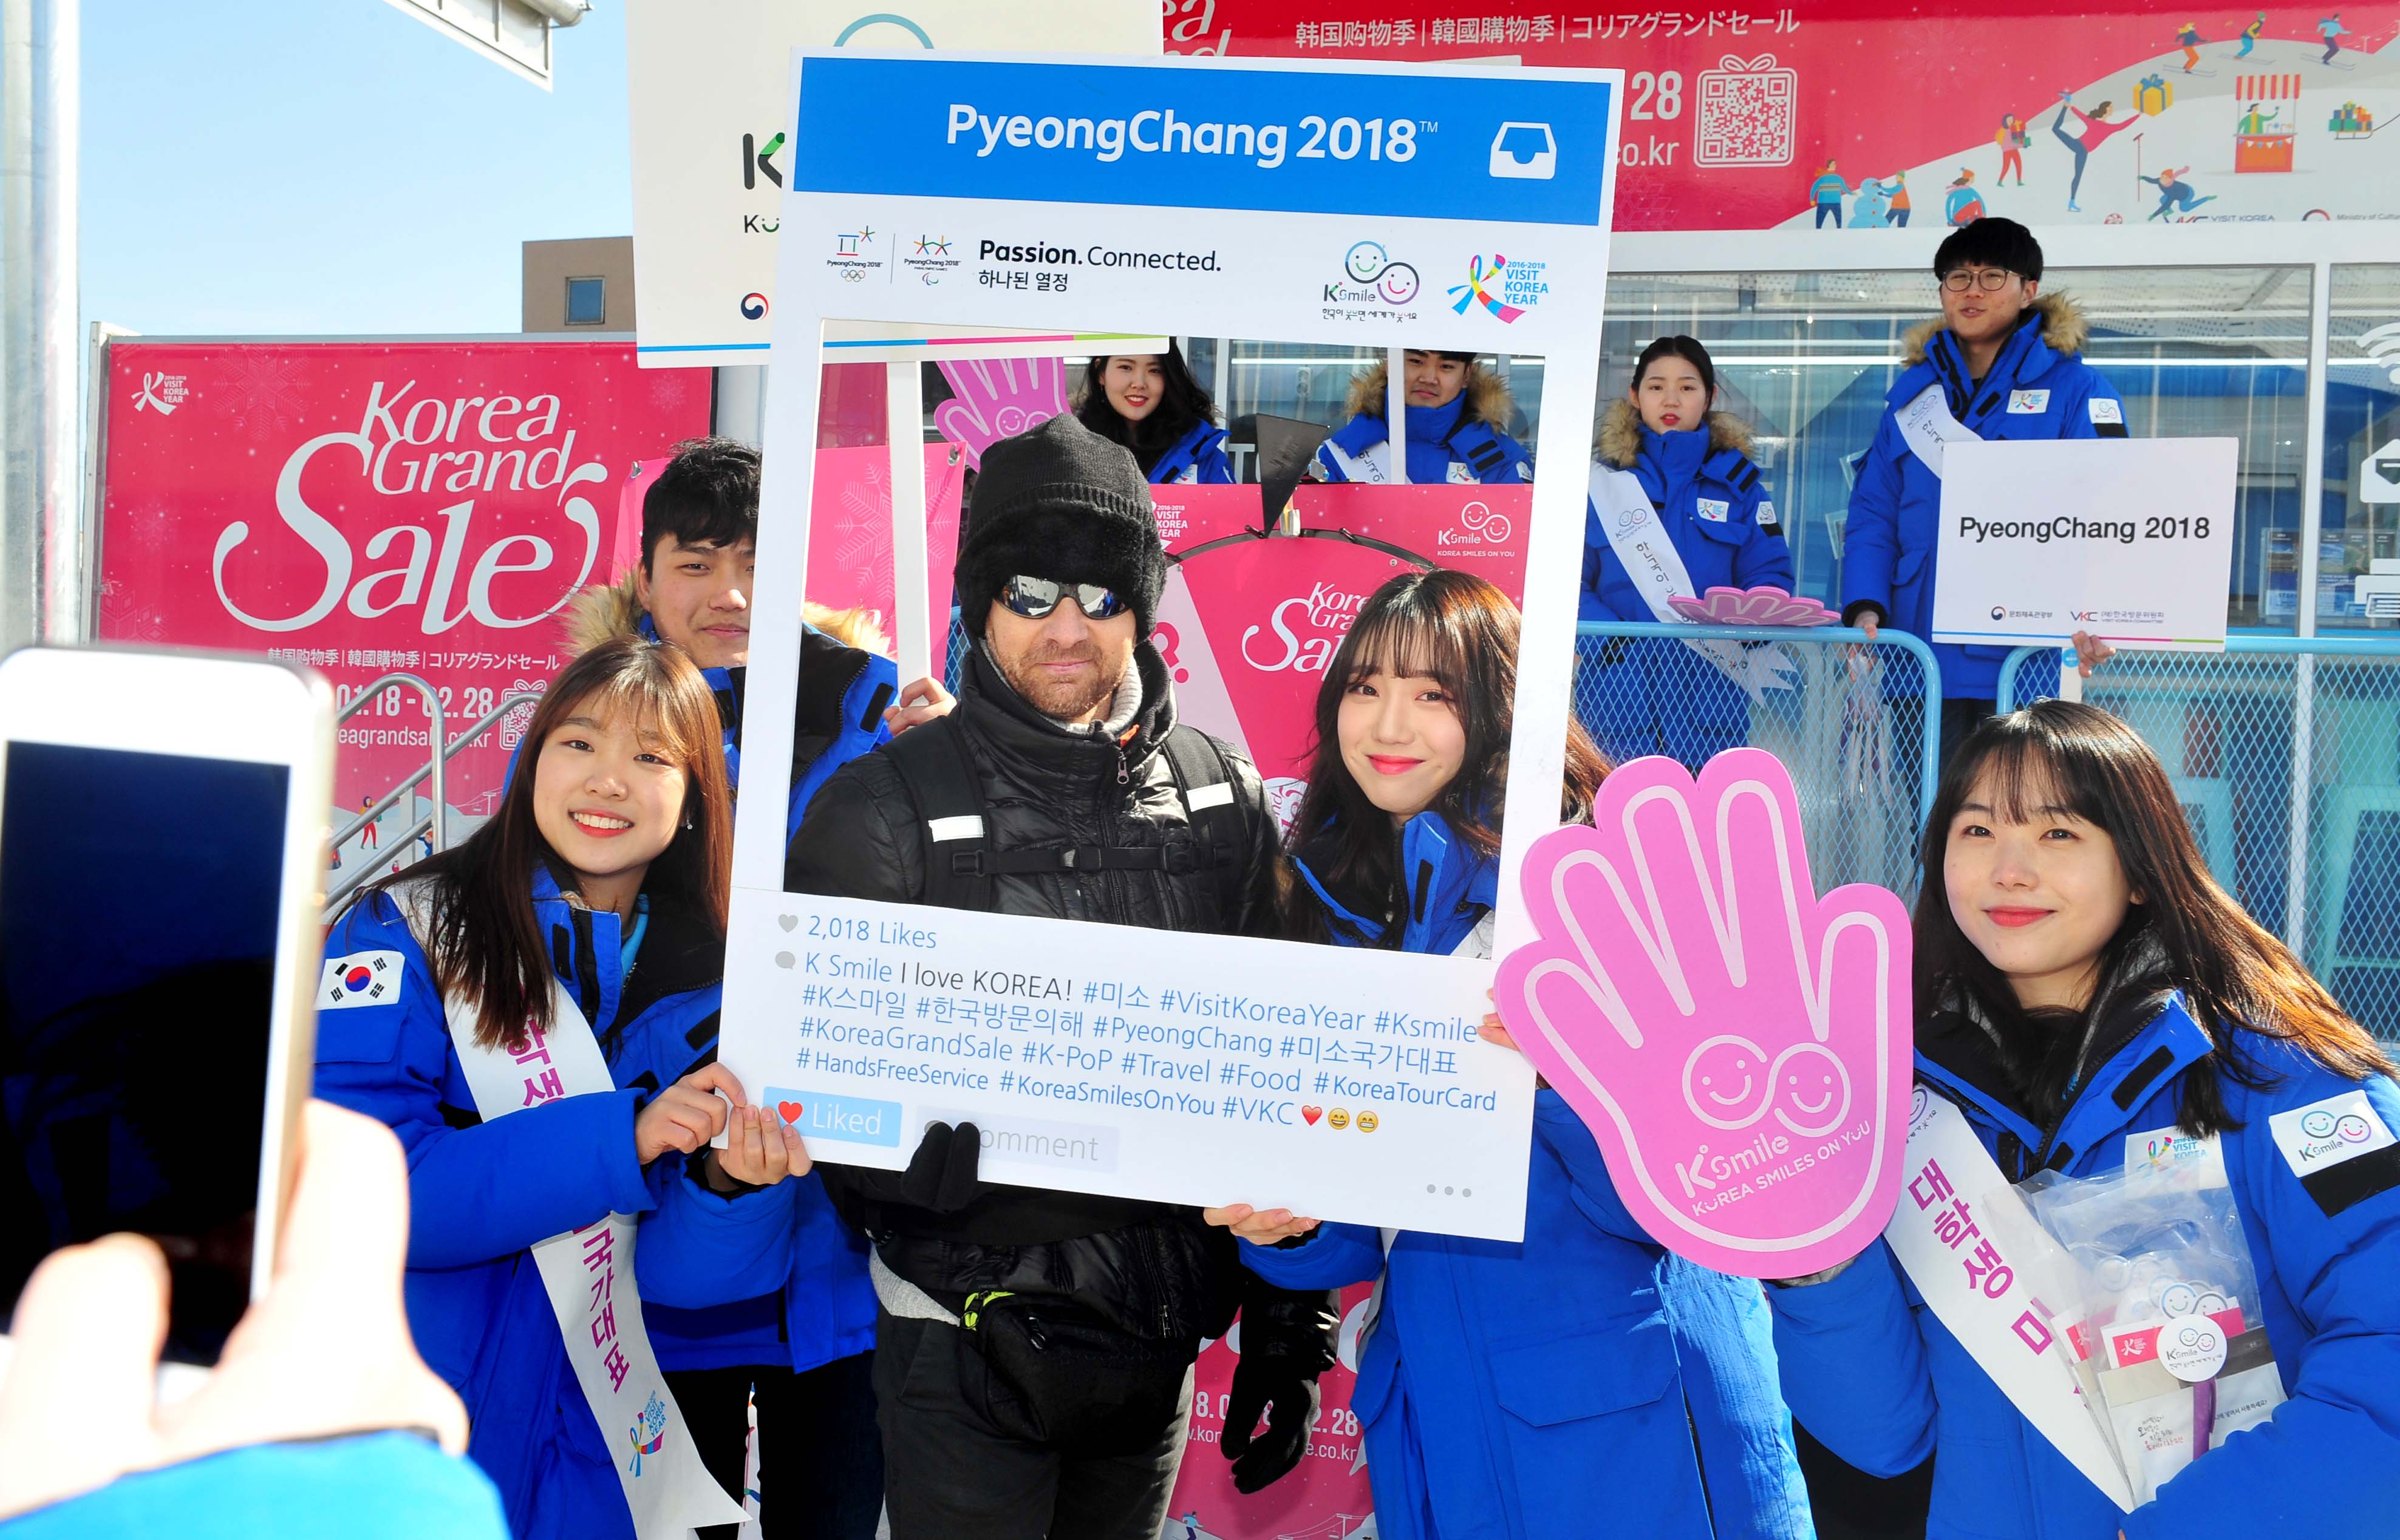 466 Korea Grand Sale 2018 u2013 Visit